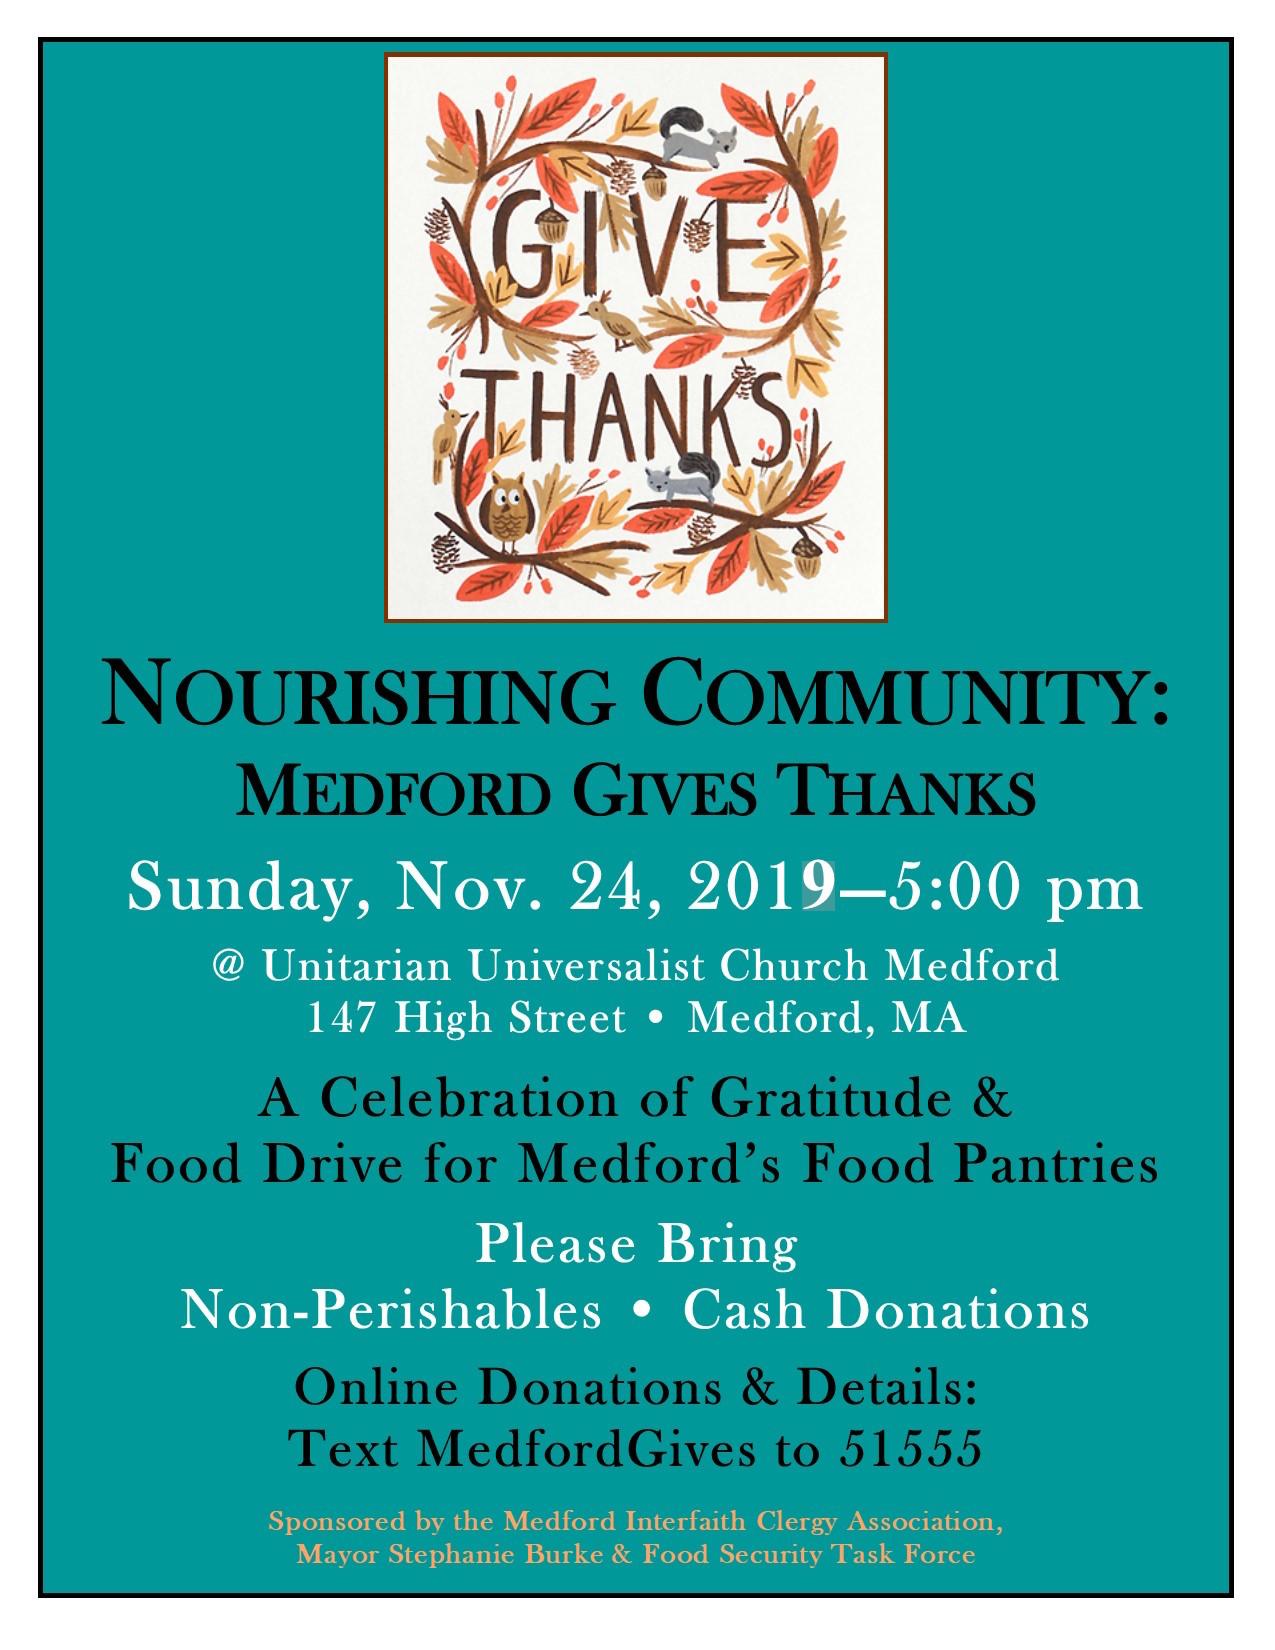 2019.11.24 medford gives thanks poster